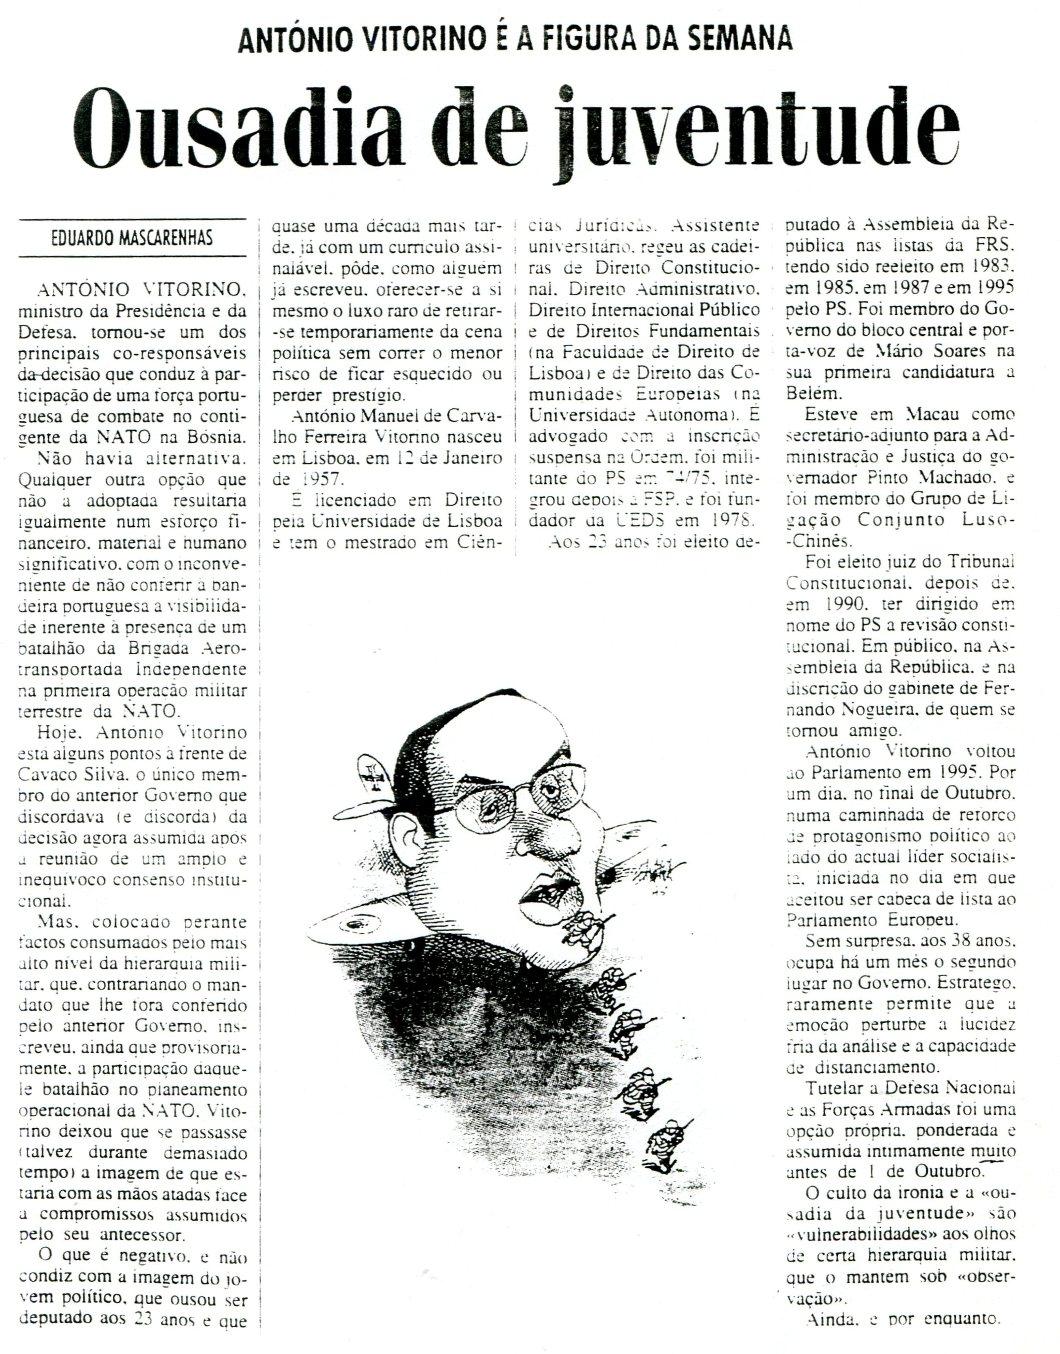 02DEZ1995 - Diário de Noticias